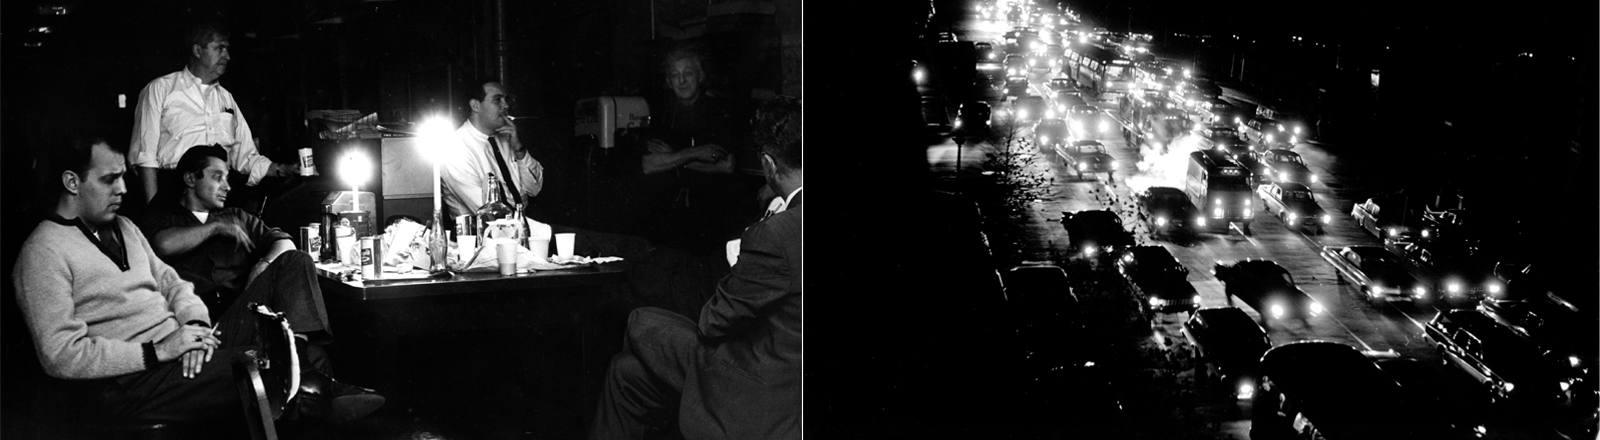 Eine schwarz-weiß Fotografie aus dem Jahr 1965: Menschen sitzen bei Kerzenschein und mit Getränken an einem Tisch. Auf einem zweiten Bild ist nur die Straße erleuchtet - von den Scheinwerfern der Autos. Ansonsten schwarze Nacht.